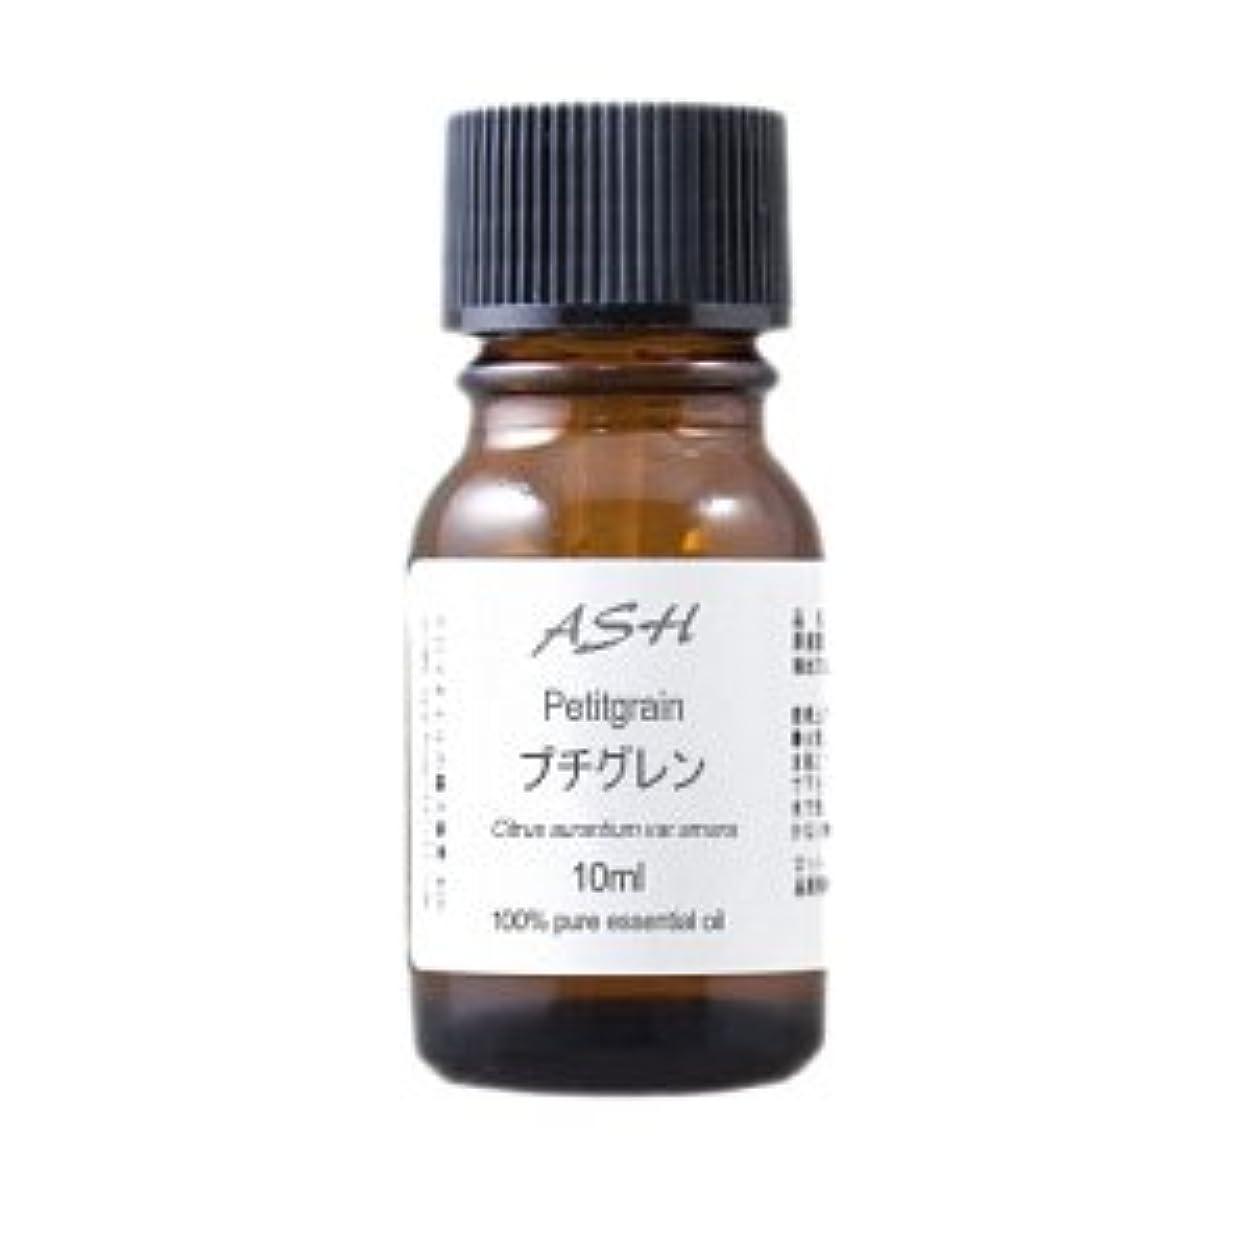 ベアリングサークル家禽スラムASH プチグレン エッセンシャルオイル 10ml AEAJ表示基準適合認定精油